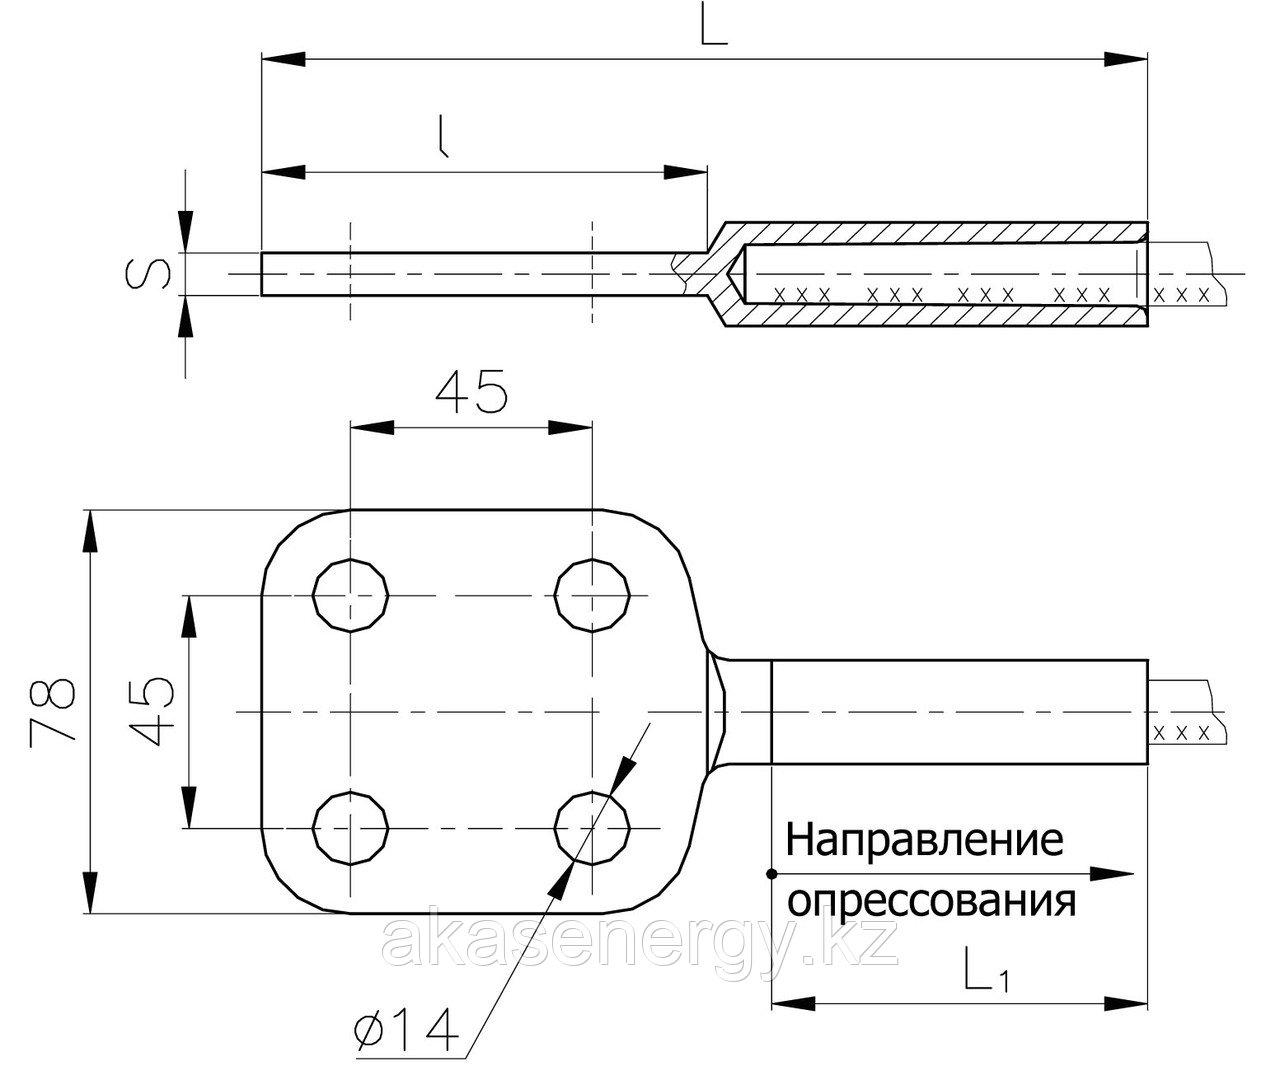 Аппаратные зажимы А4А-70Г-1, А4А-95Г-1, А4А-120Г-1